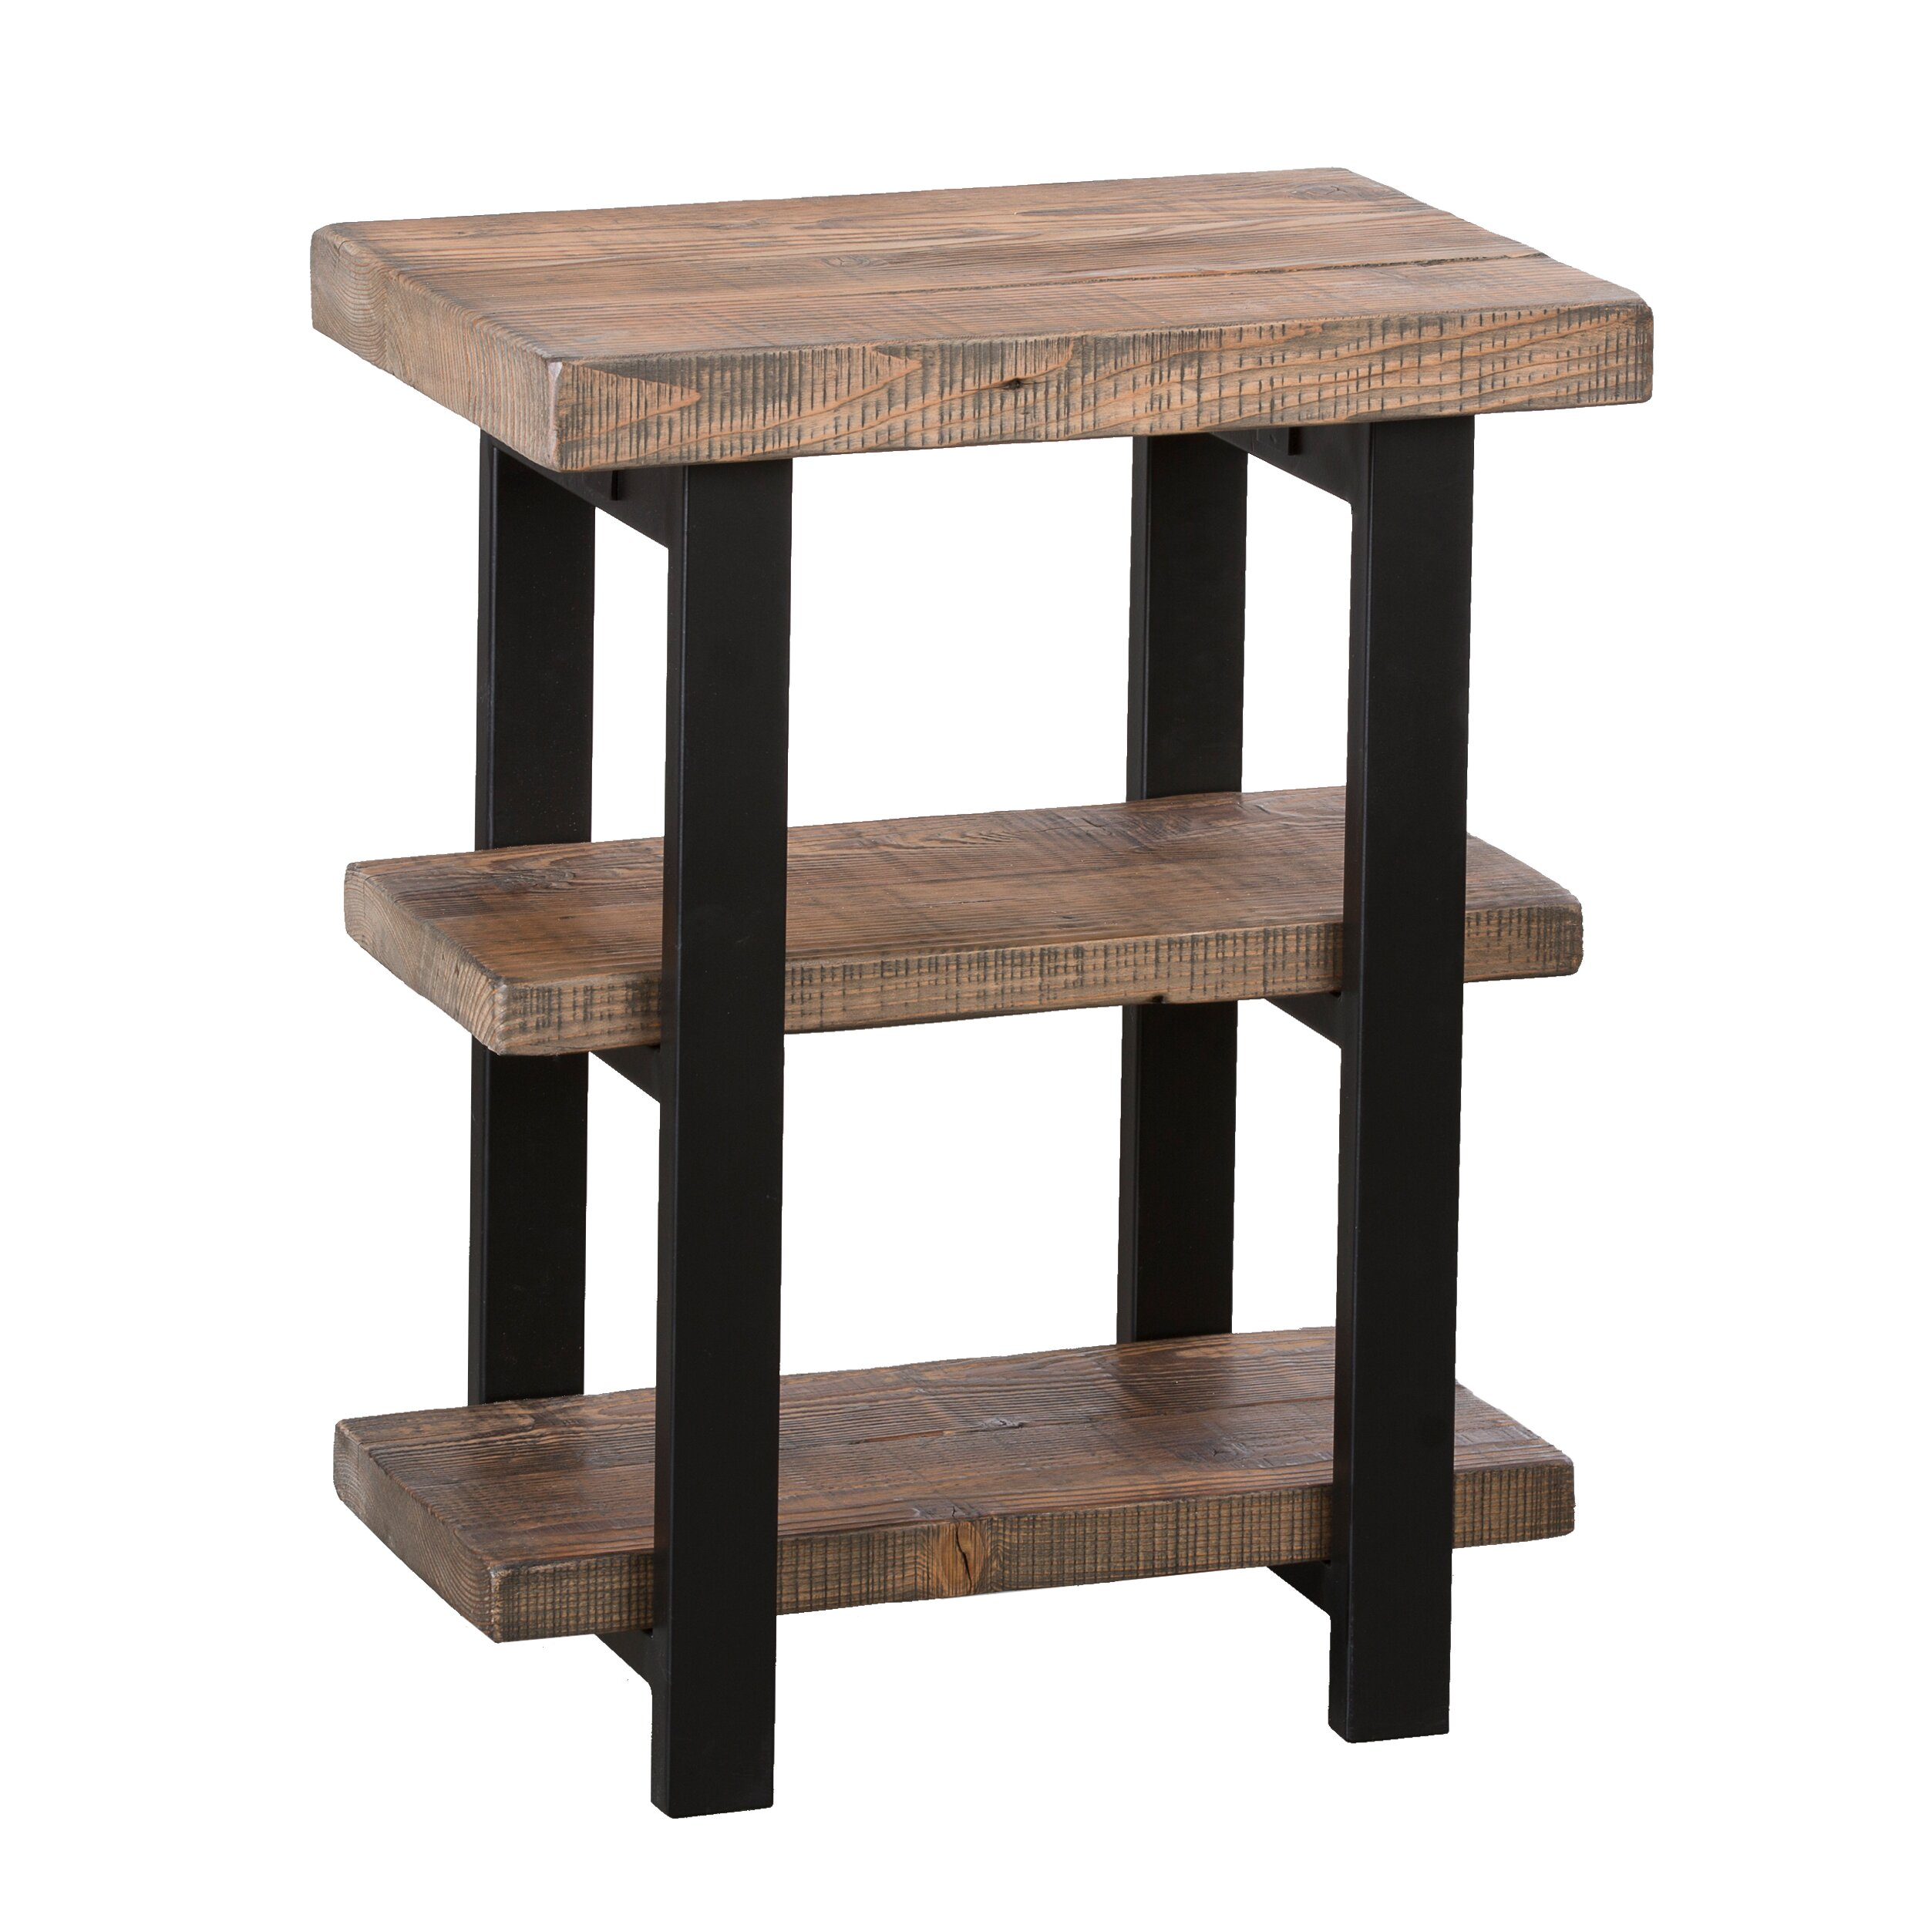 Loon peak somers 2 shelf reclaimed wood metal end table for Reclaimed wood and metal table